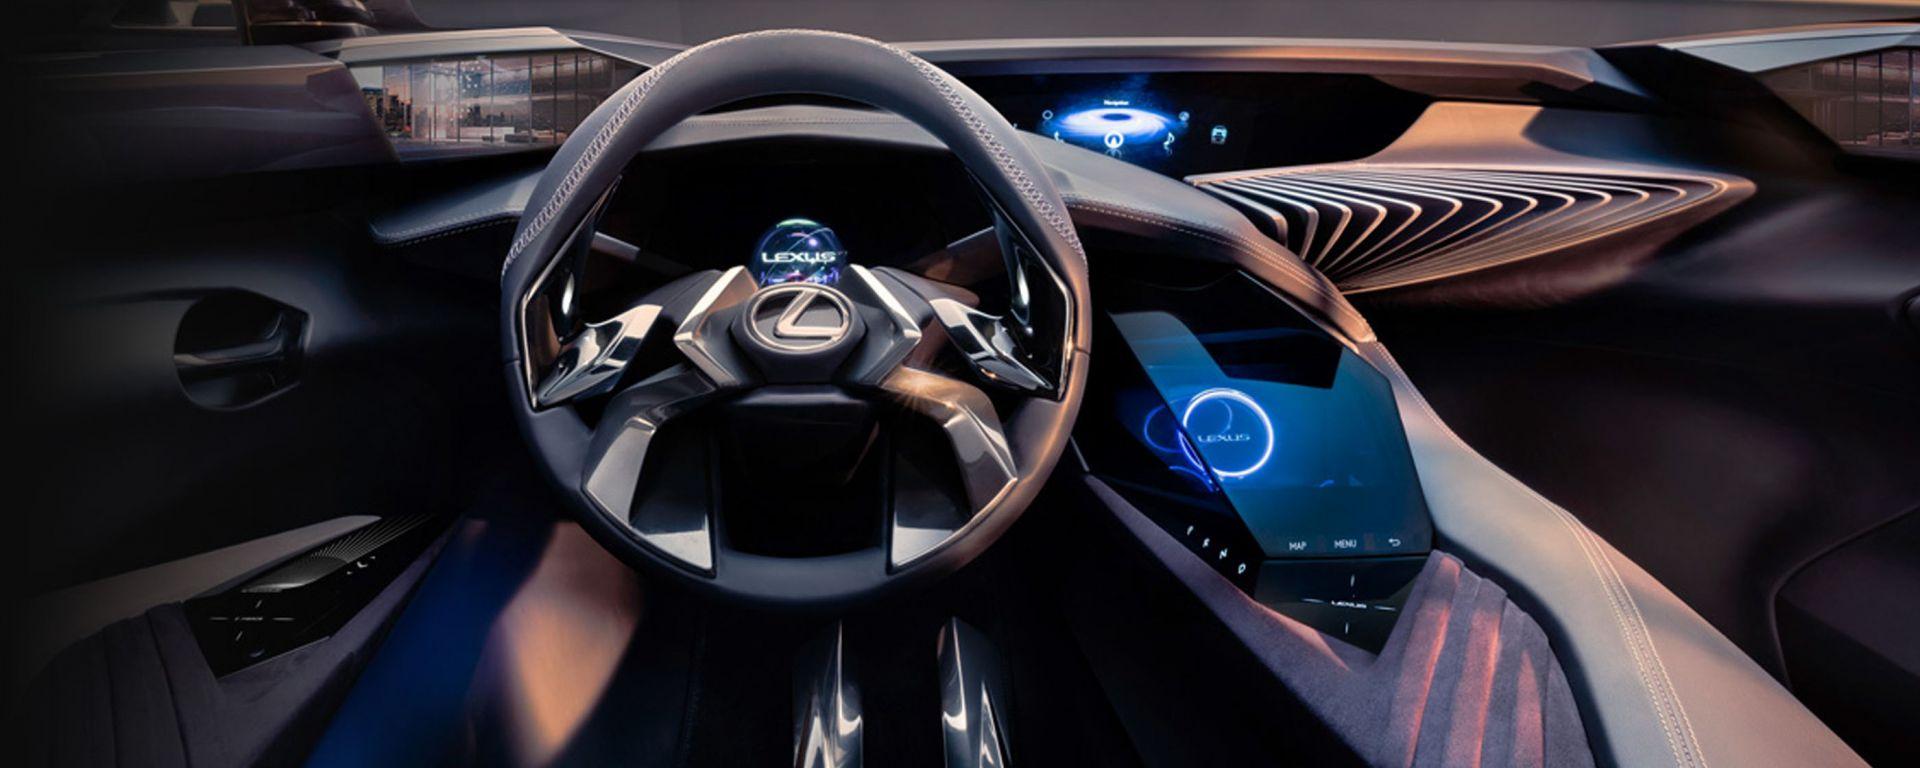 Lexus UX: l'abitacolo della concept giapponese è un tripudio di ologrammi e schermi futuristici